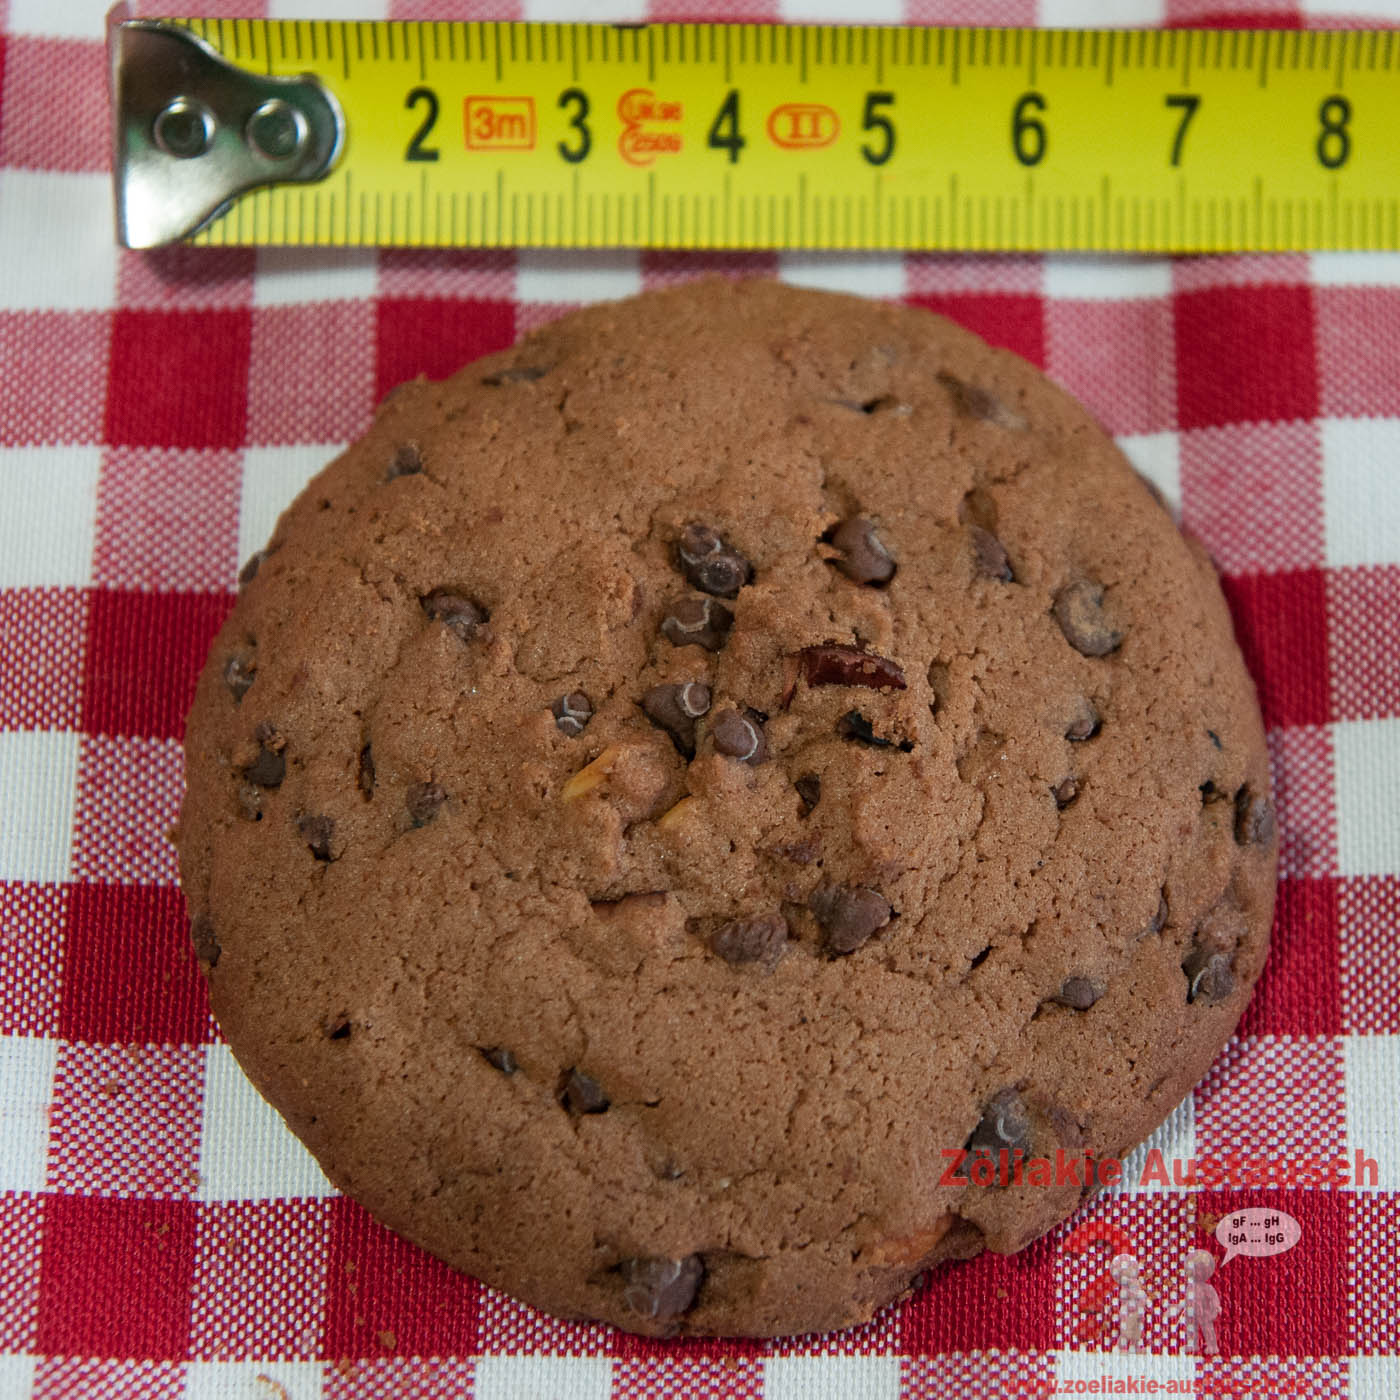 Zoeliakie_Austausch_Sommer_Cookies-014